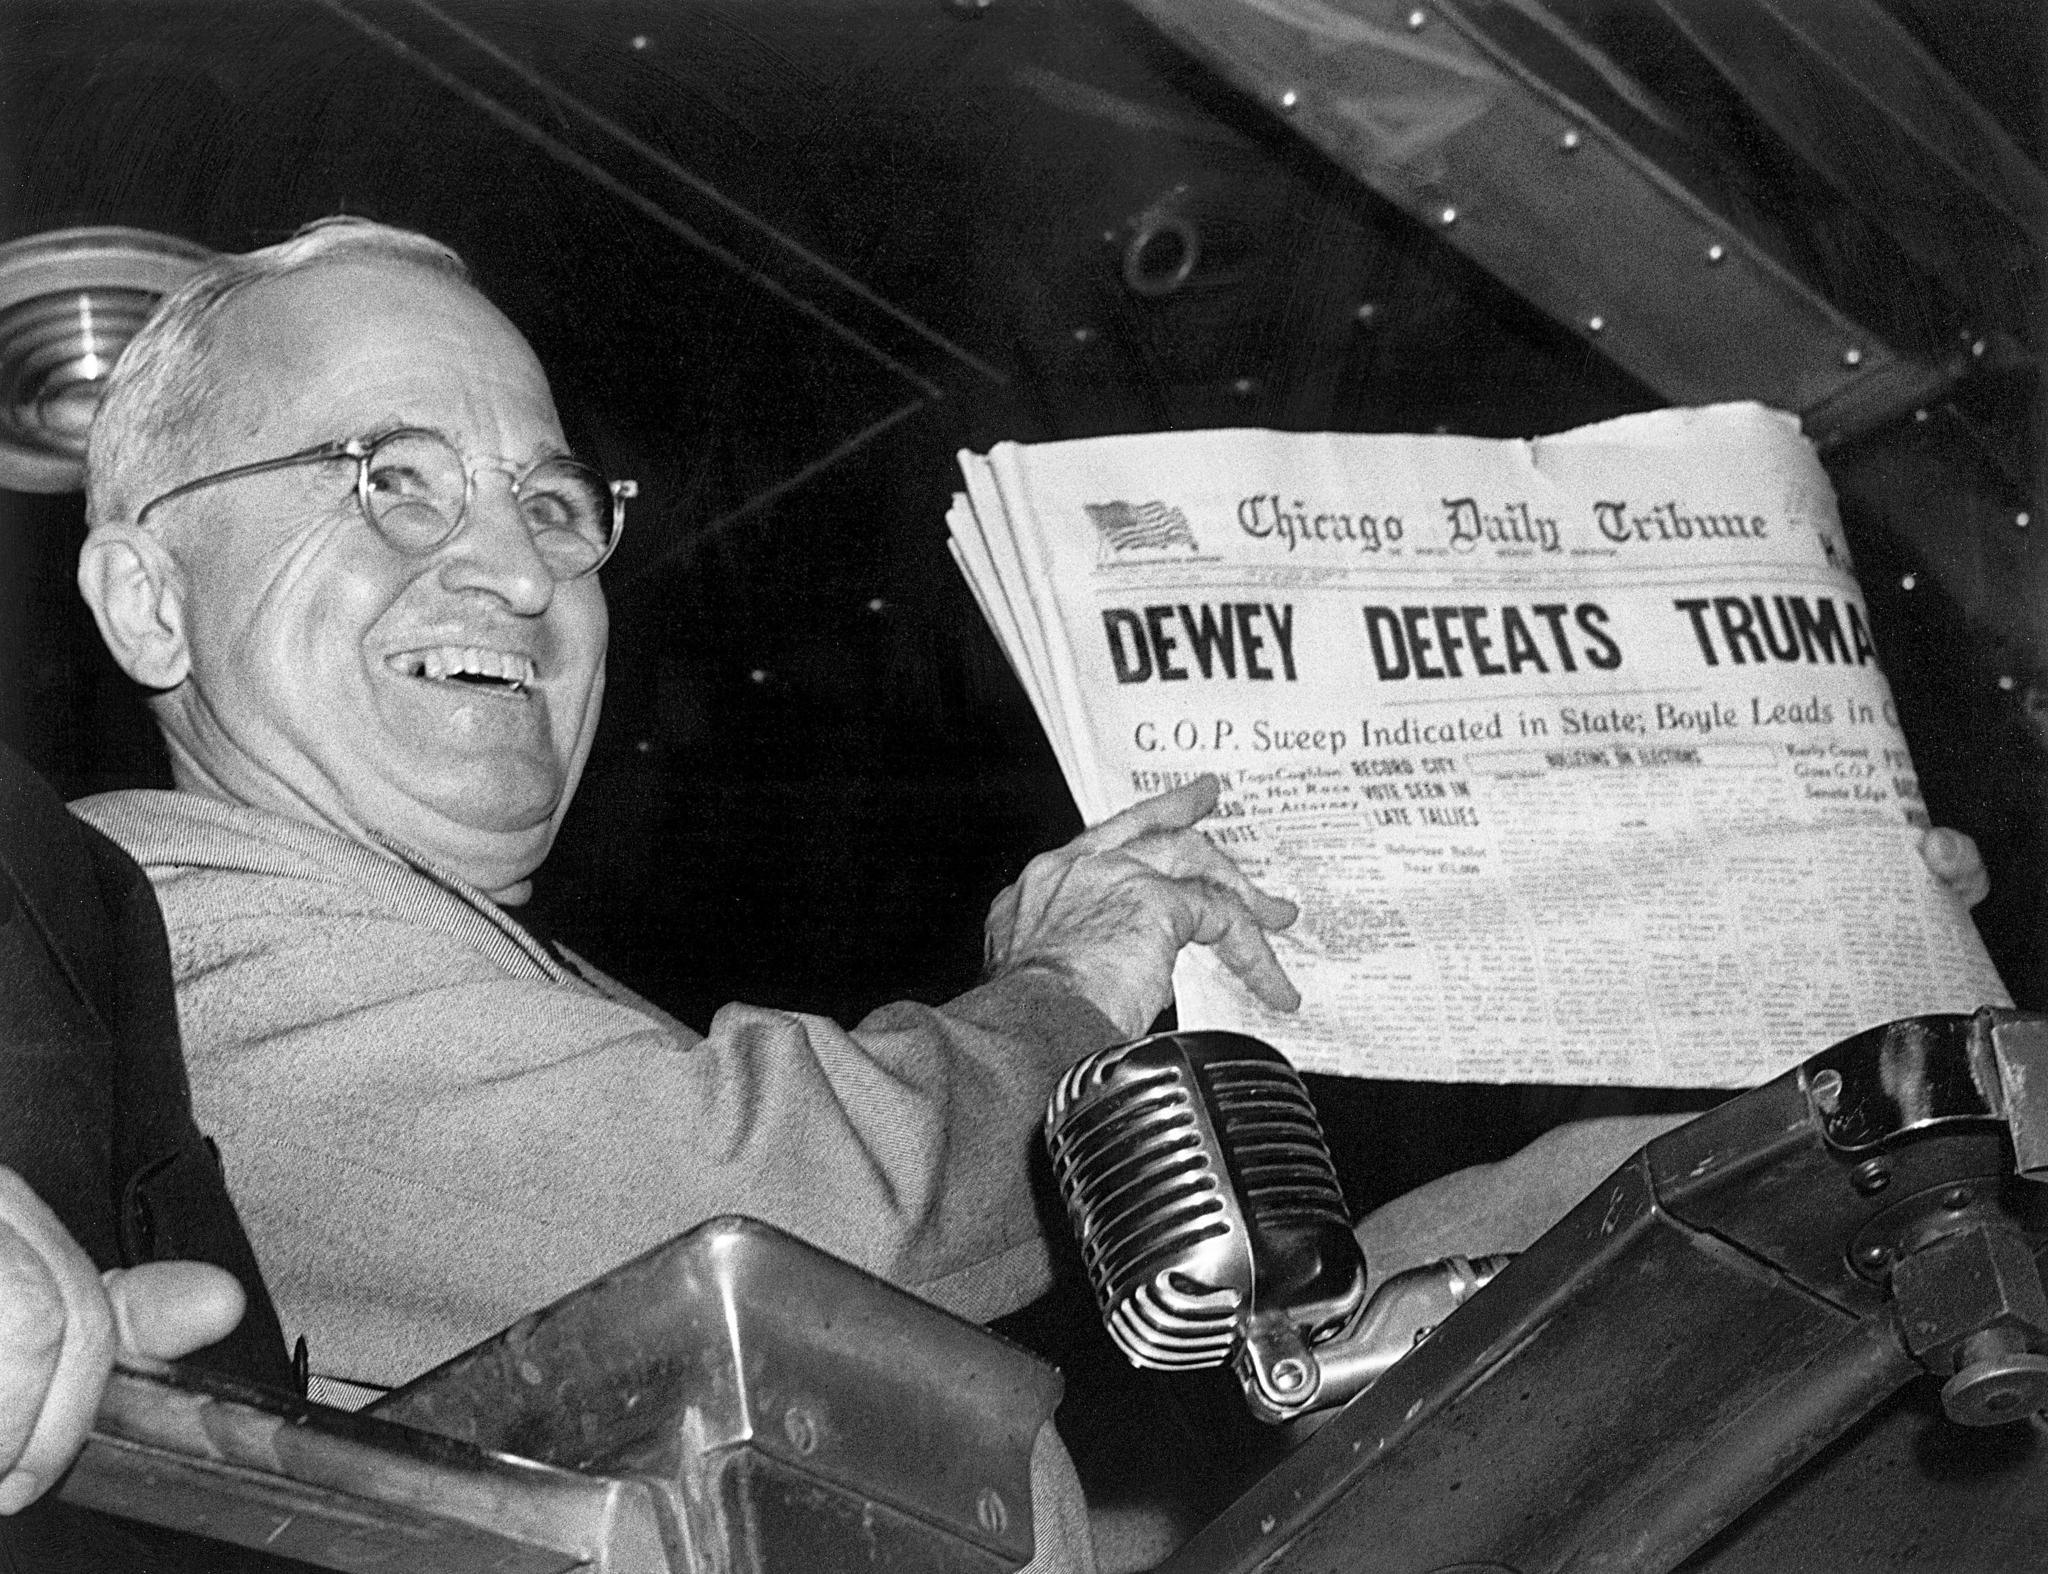 미국 해리 트루먼 대통령이 1948년 11월4일 세인트 루이스 유니언 역에서 선거일 시카고트리뷴 신문을 들고 웃고 있다. [AP=연합뉴스]